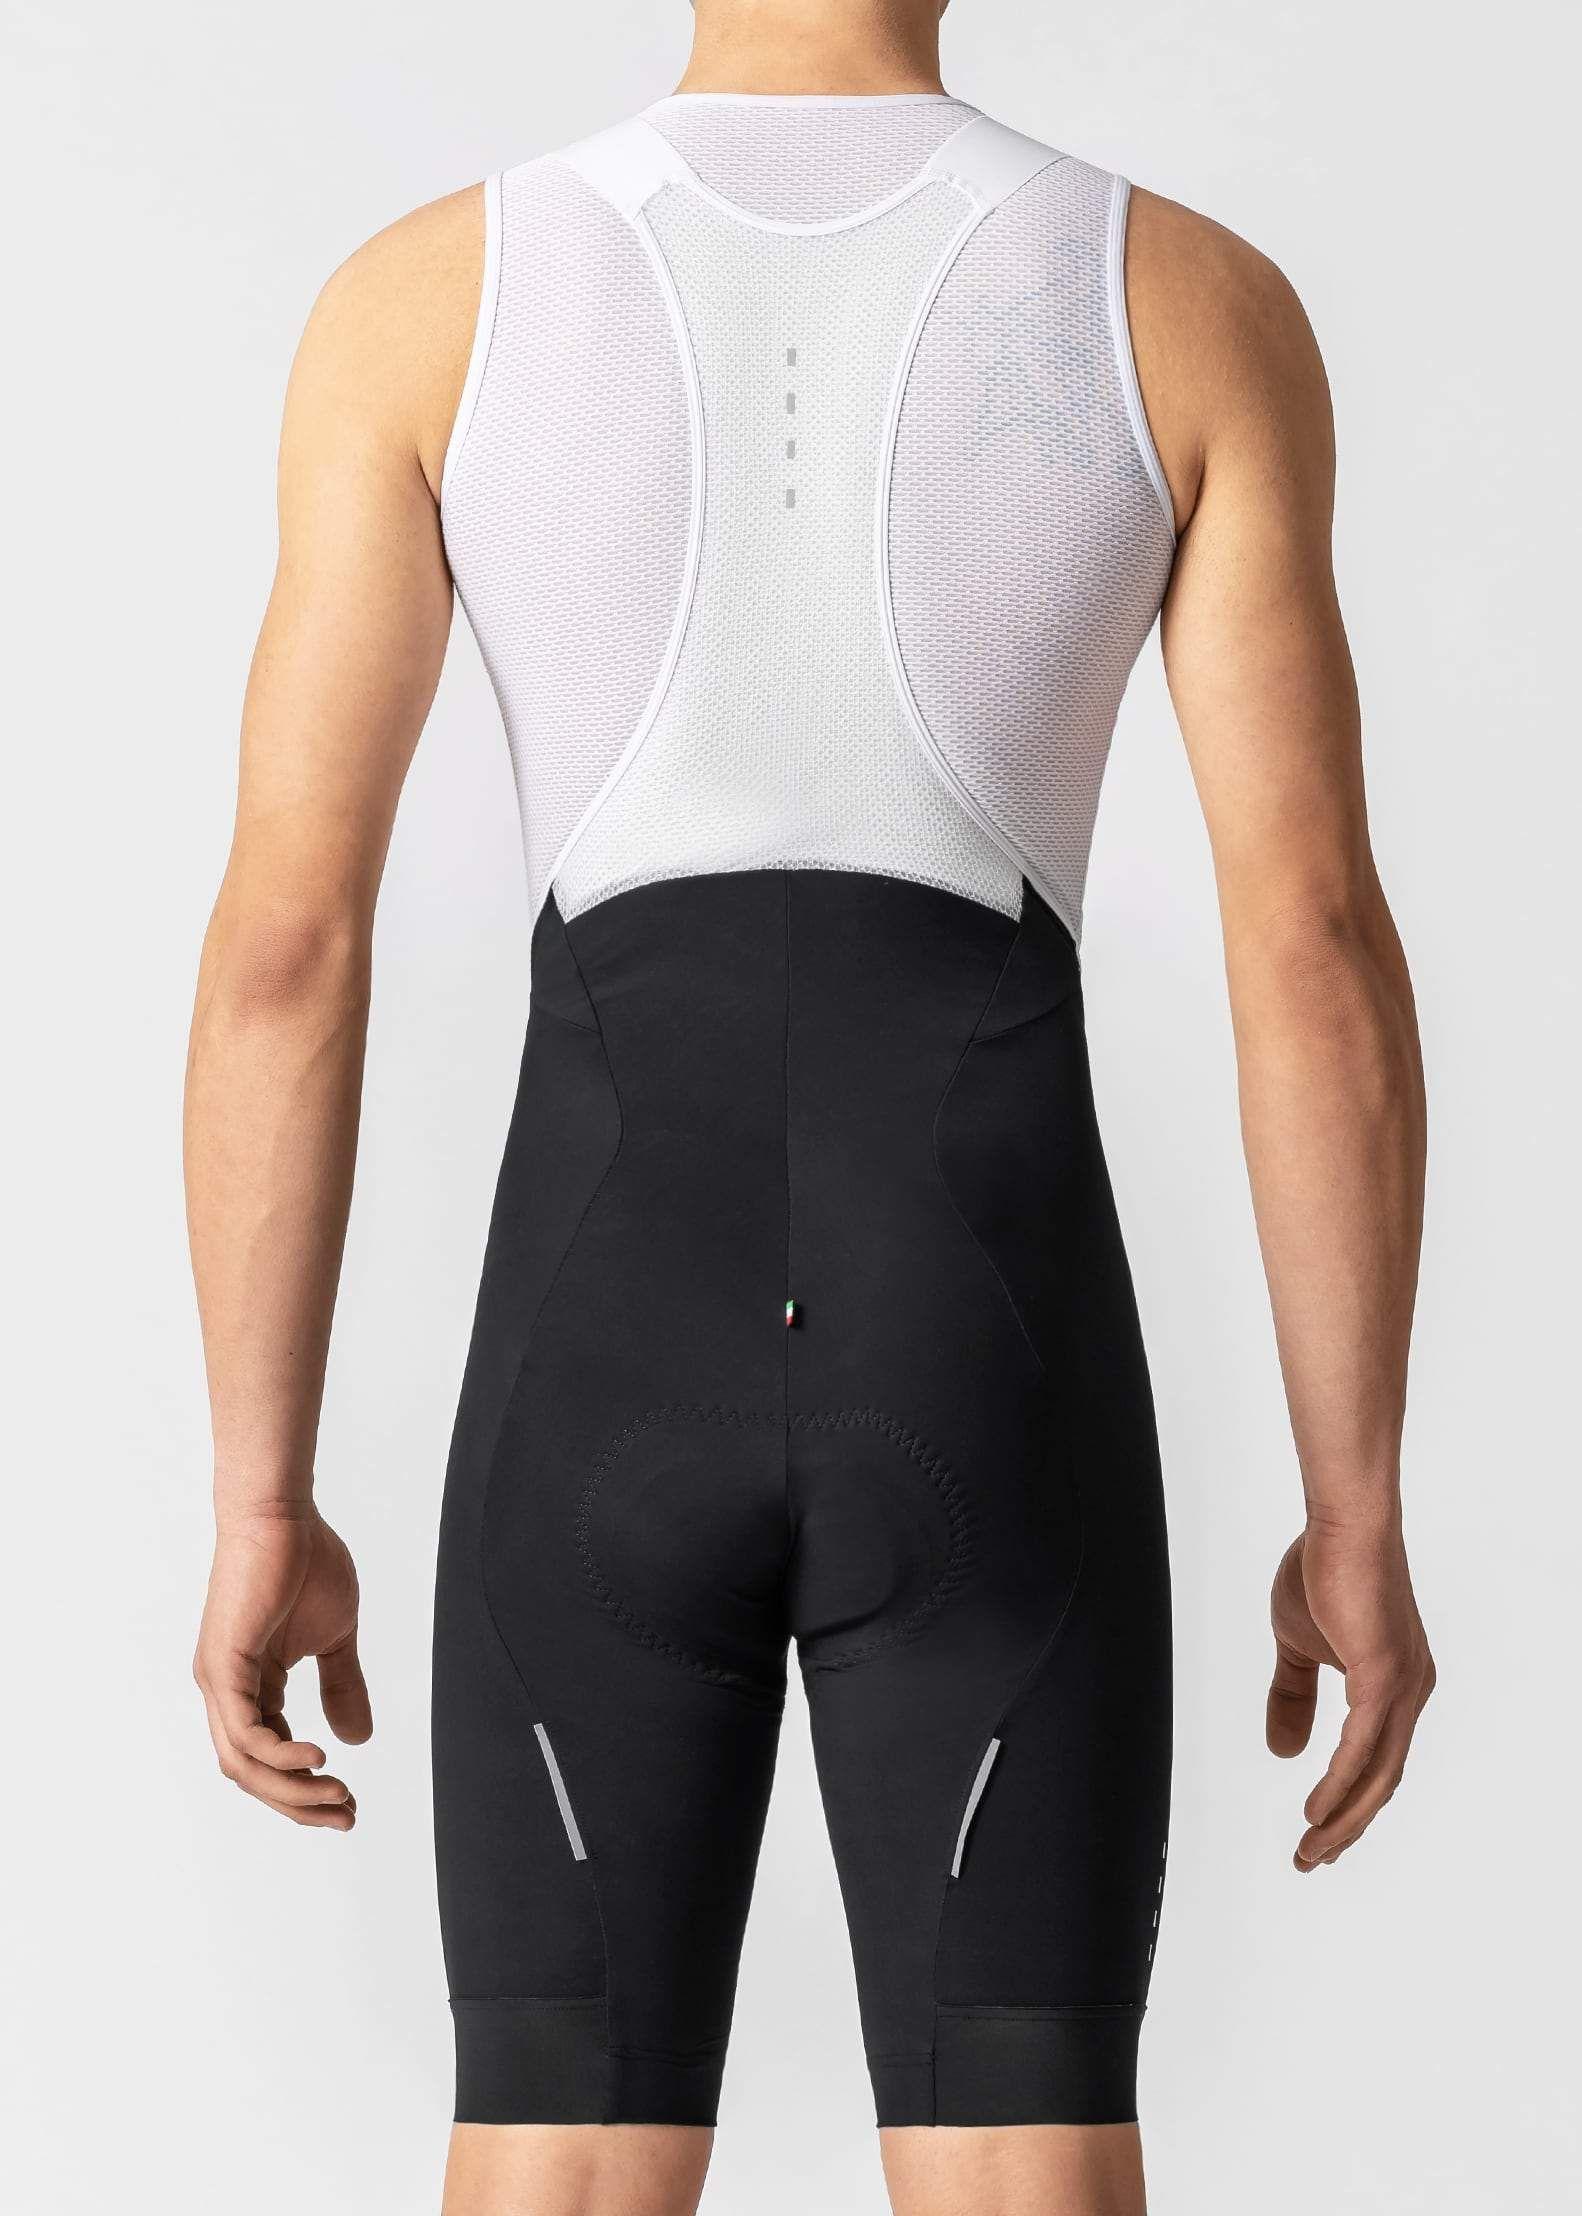 PSN Lightweight Bib Shorts – La Passione Cycling Couture b43abf388